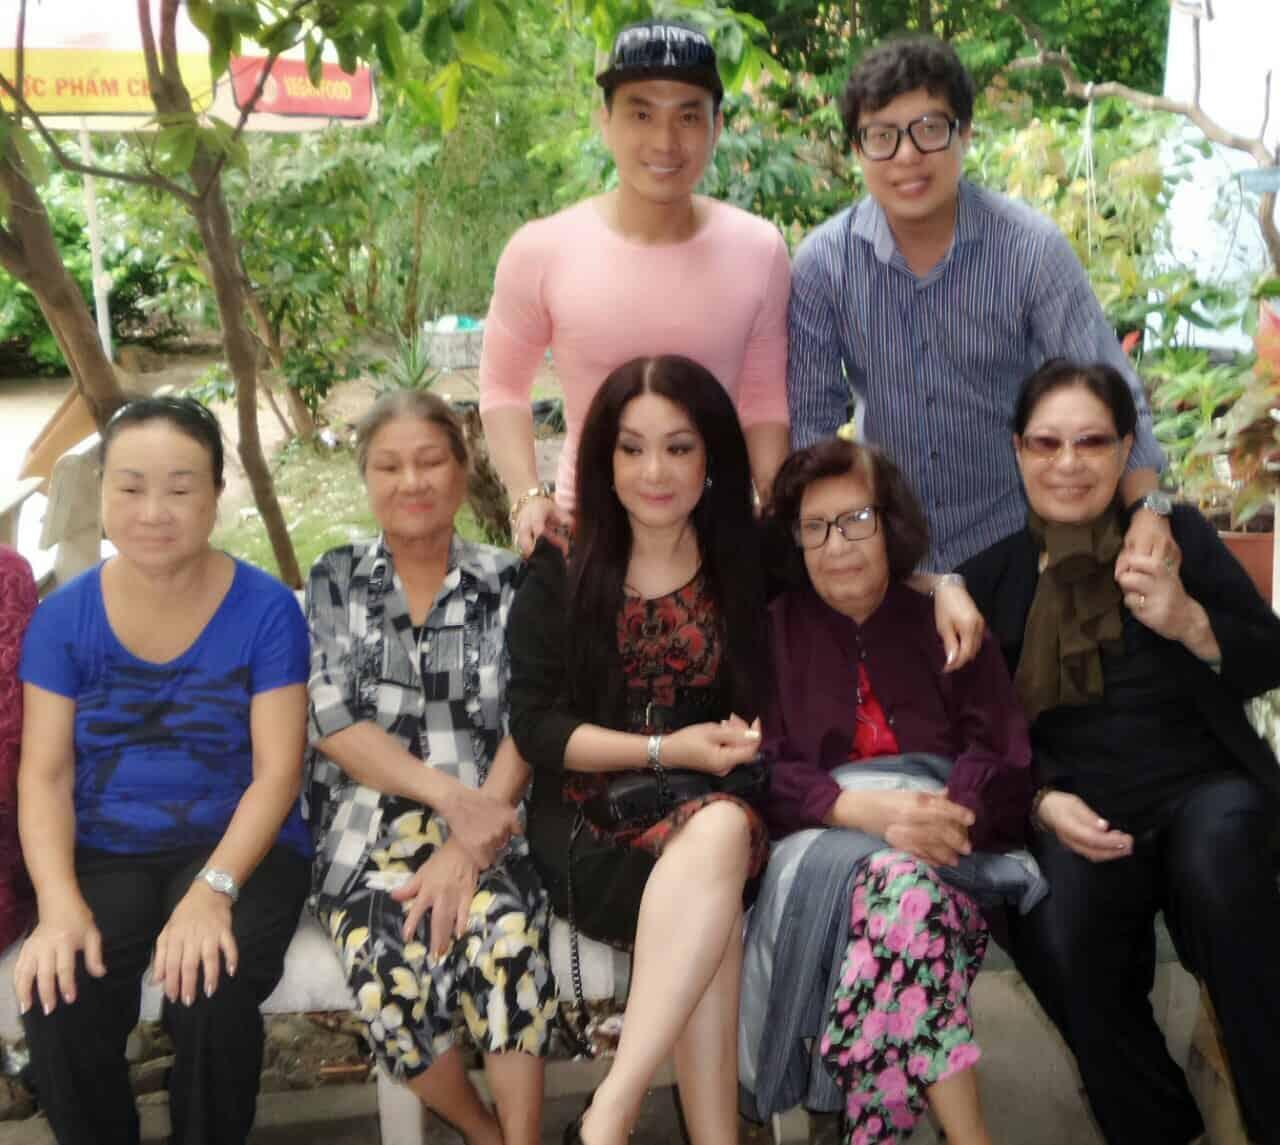 NSUT Mỹ Châu và nhà báo Thanh Hiệp đến thăm các nghệ sĩ lão thành tại Khu dưỡng lão Nghệ sĩ Tphcm